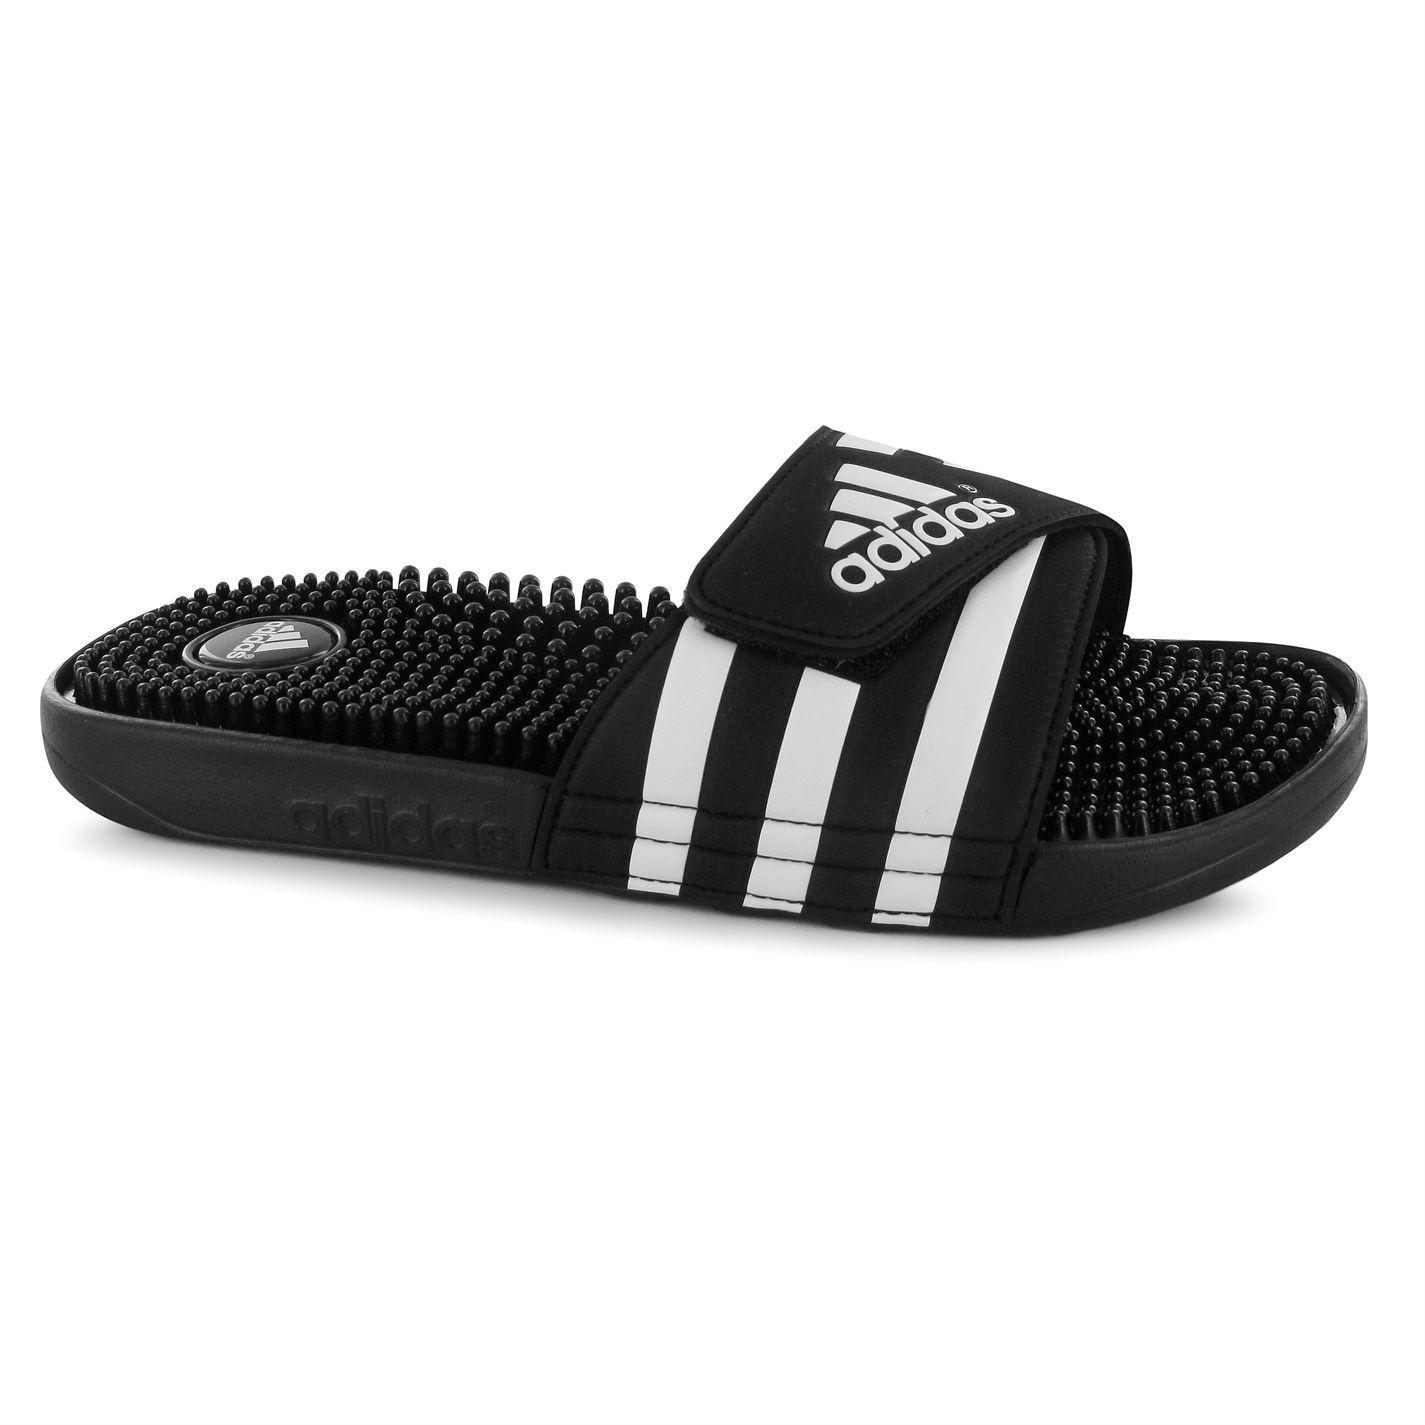 Adidas Beach Shoes Uk